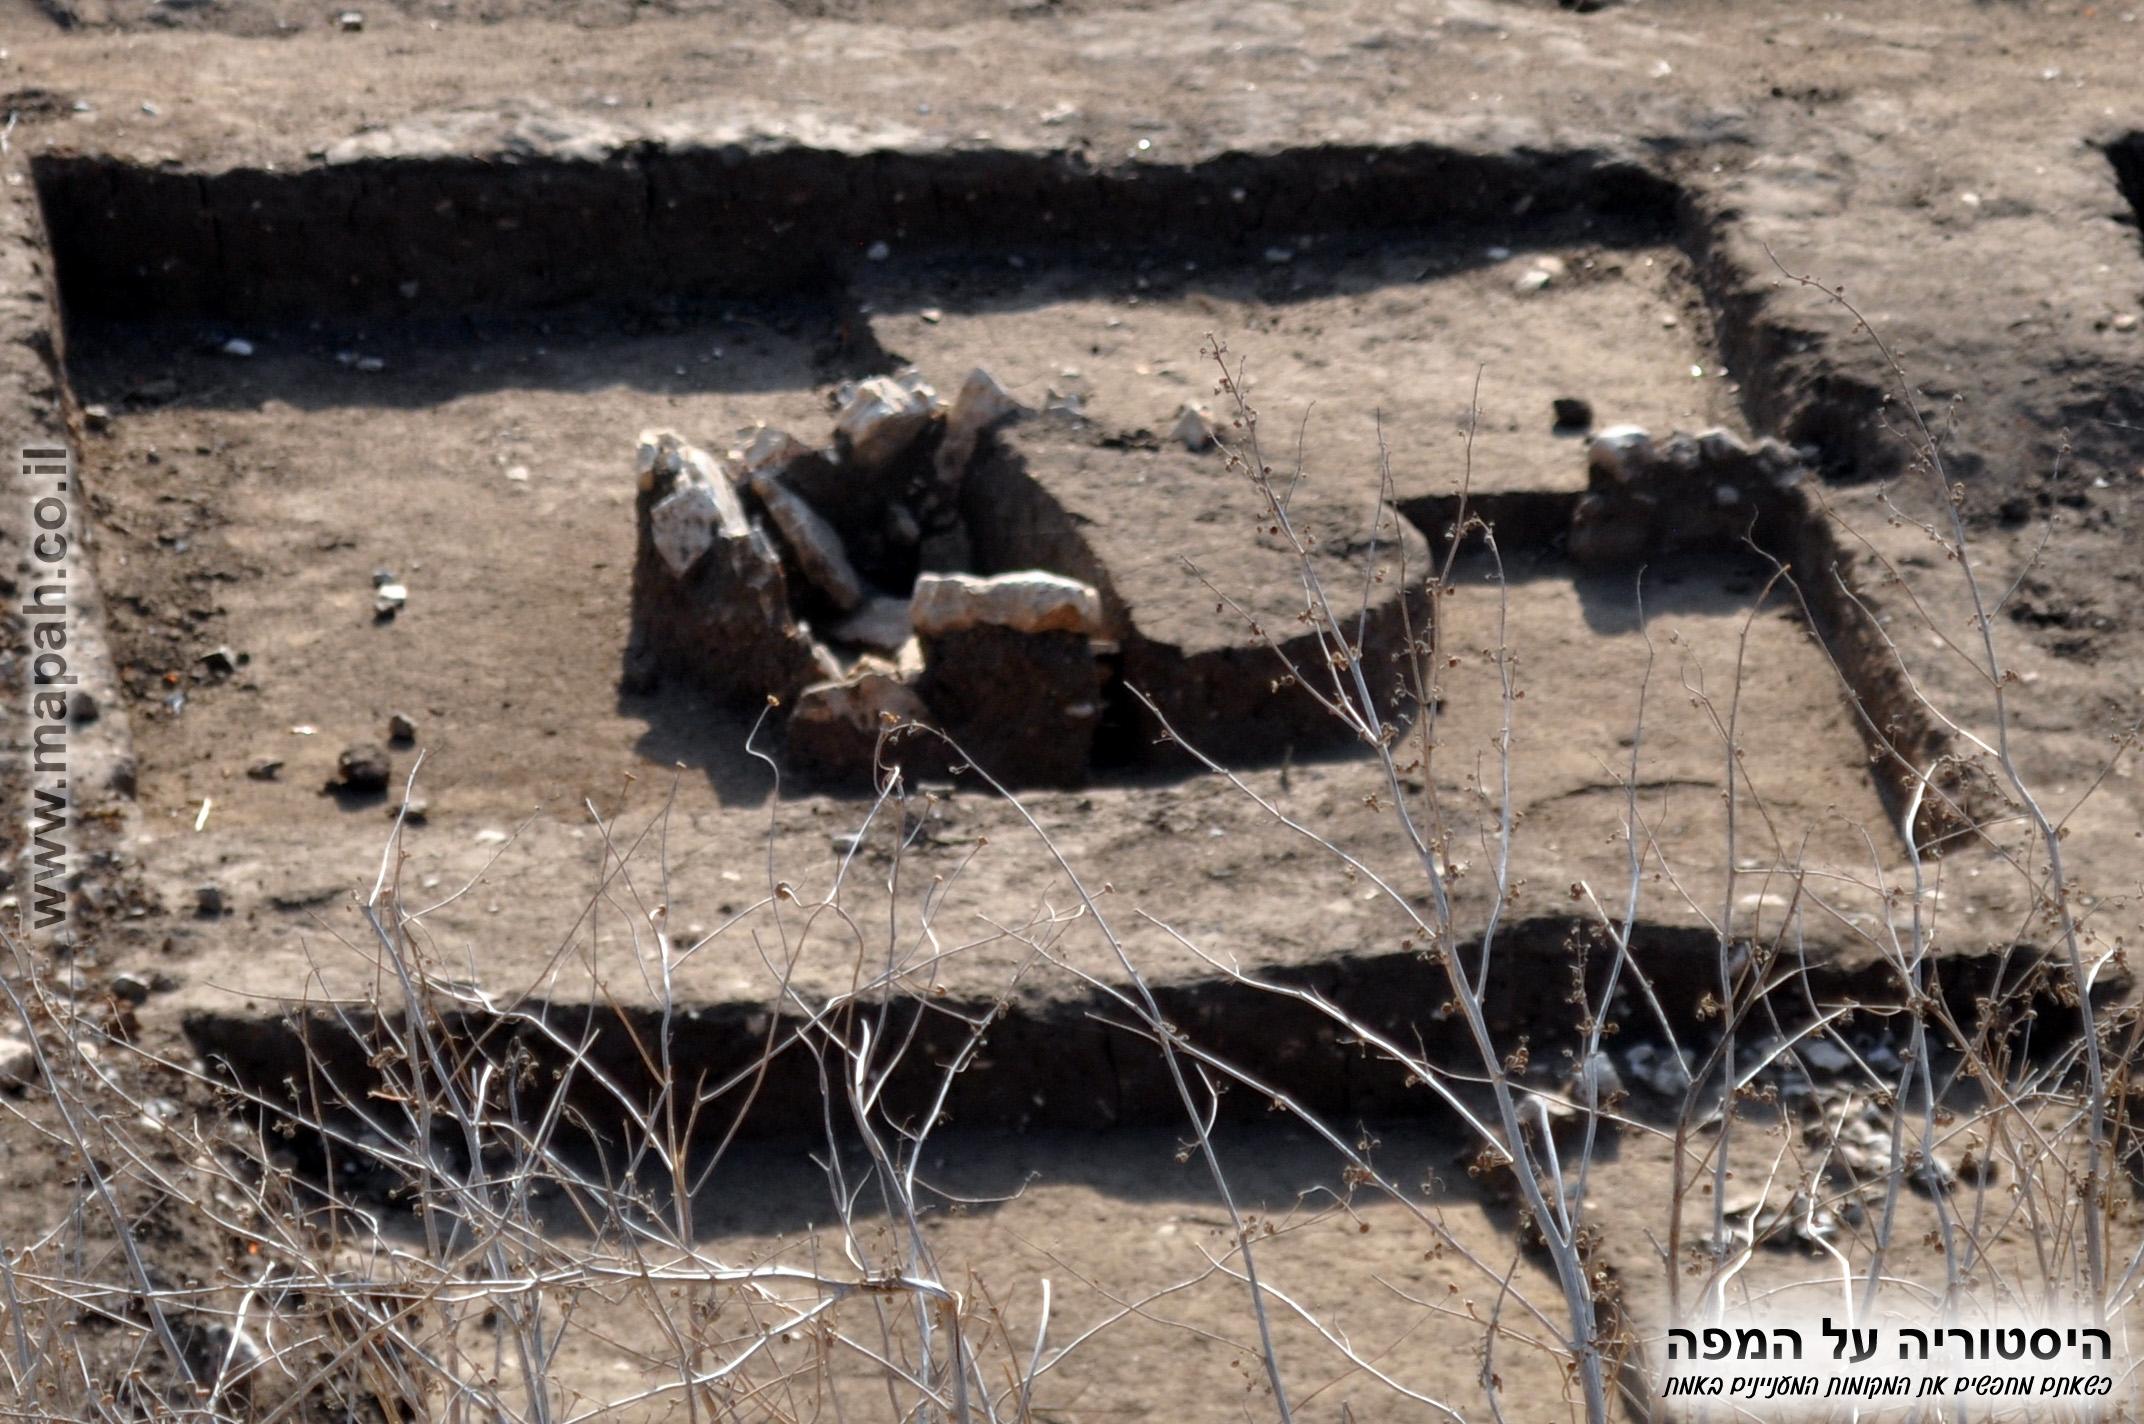 ריבוע חפירה בצד המזרחי עין אסור